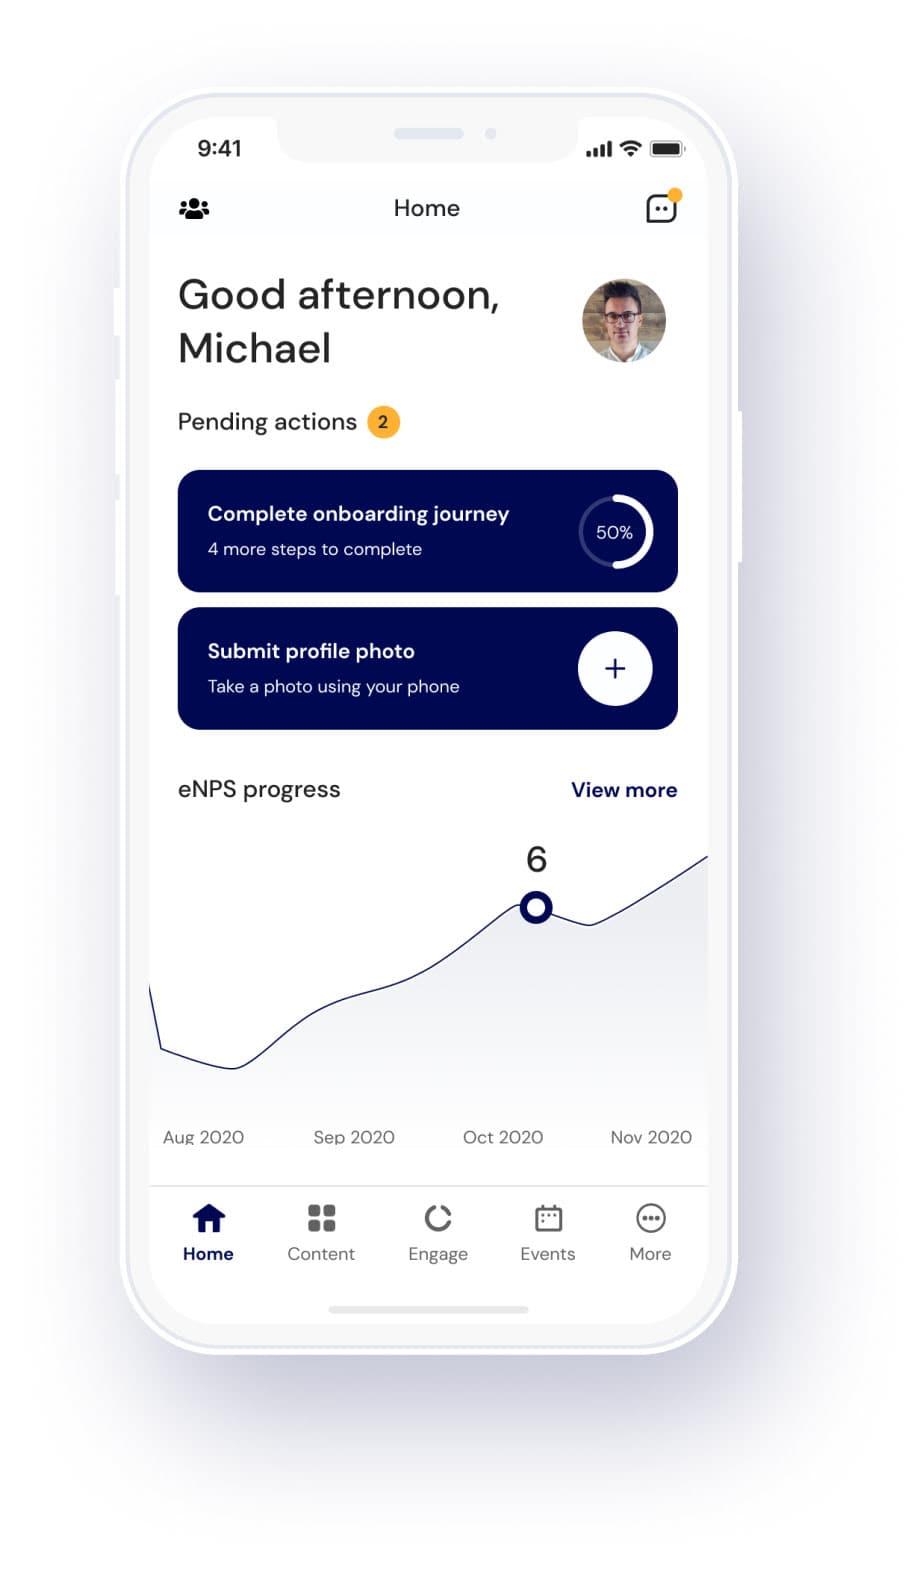 社員エンゲージメントアプリ - 保留中のアクション